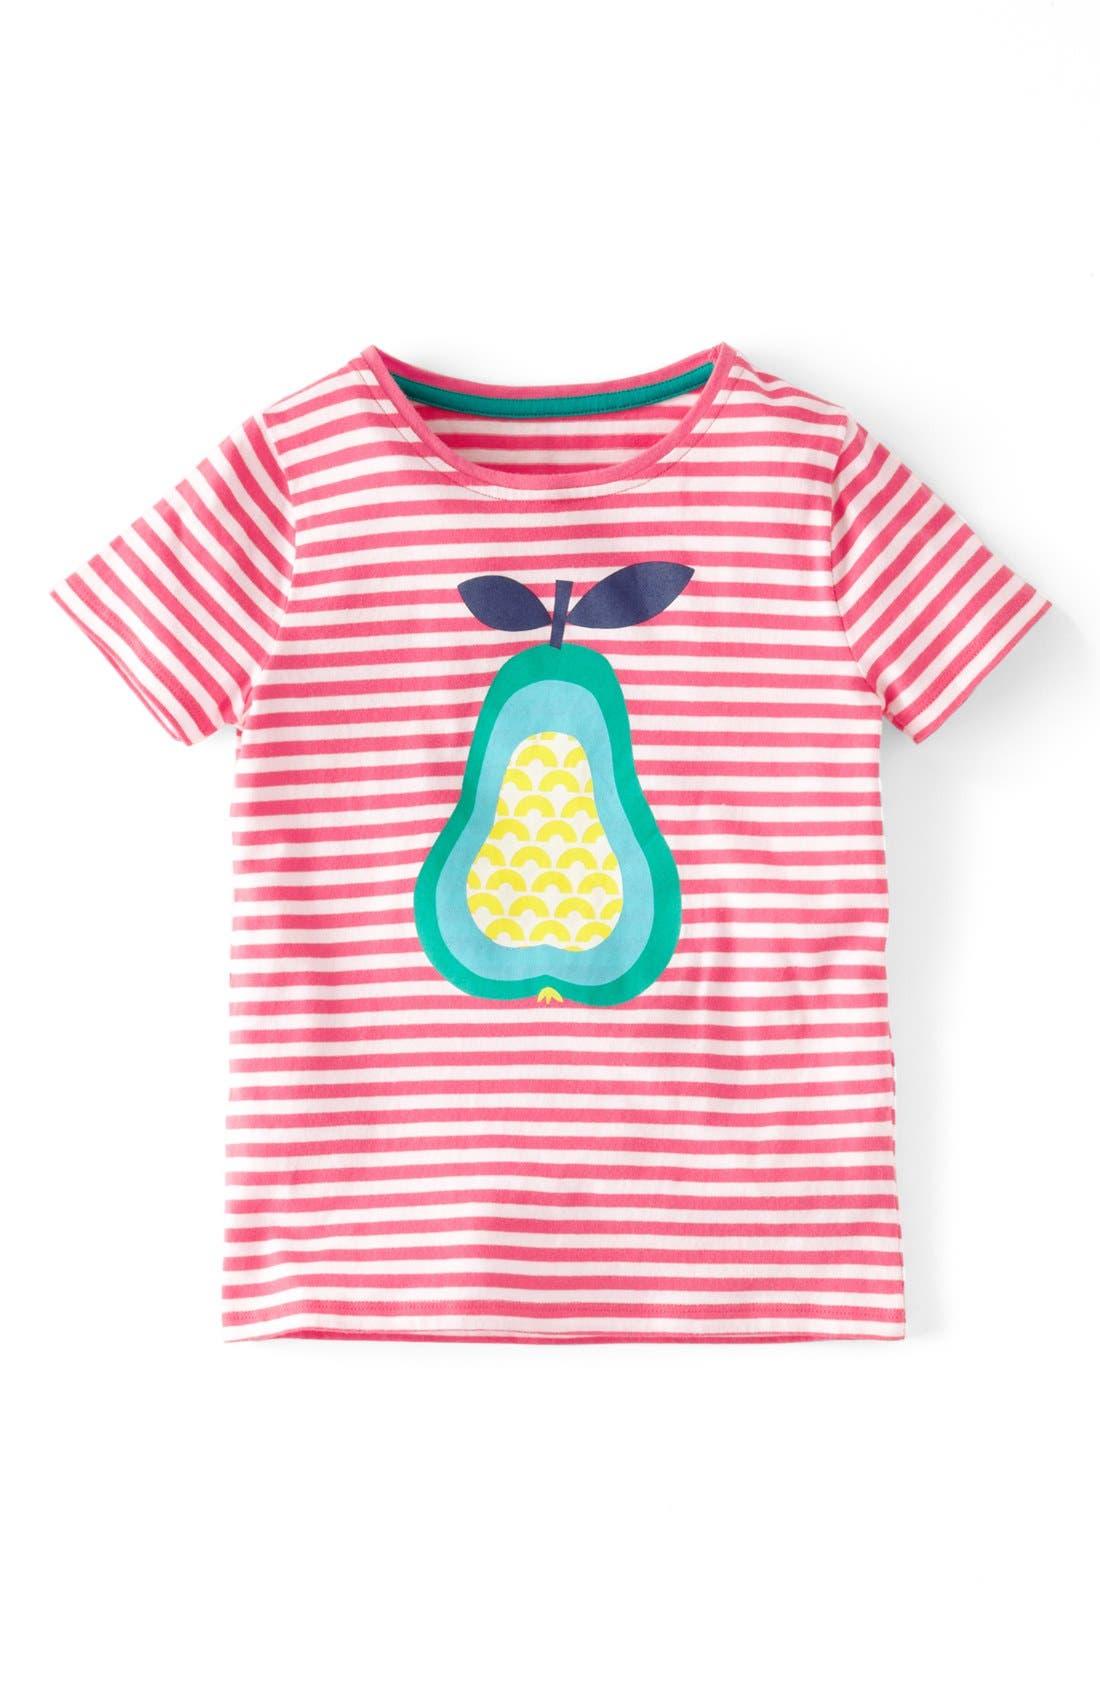 Alternate Image 1 Selected - Mini Boden 'Retro' Print Tee (Toddler Girls, Little Girls & Big Girls)(Online Only)